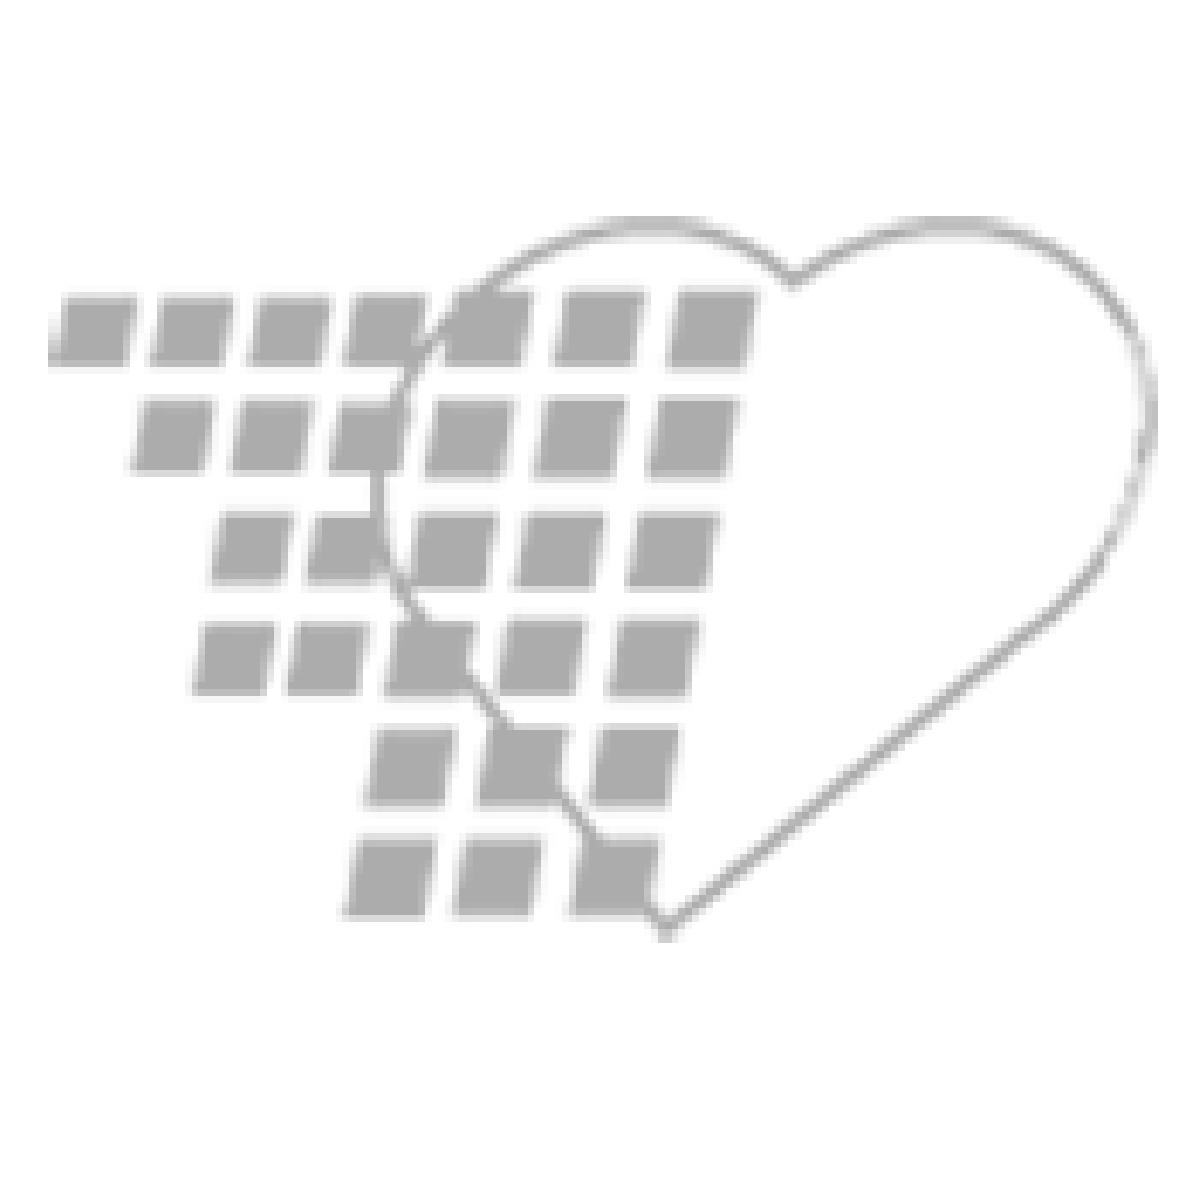 02-38-7411 GLUCOCARD® 01 Glucose Meter Kit